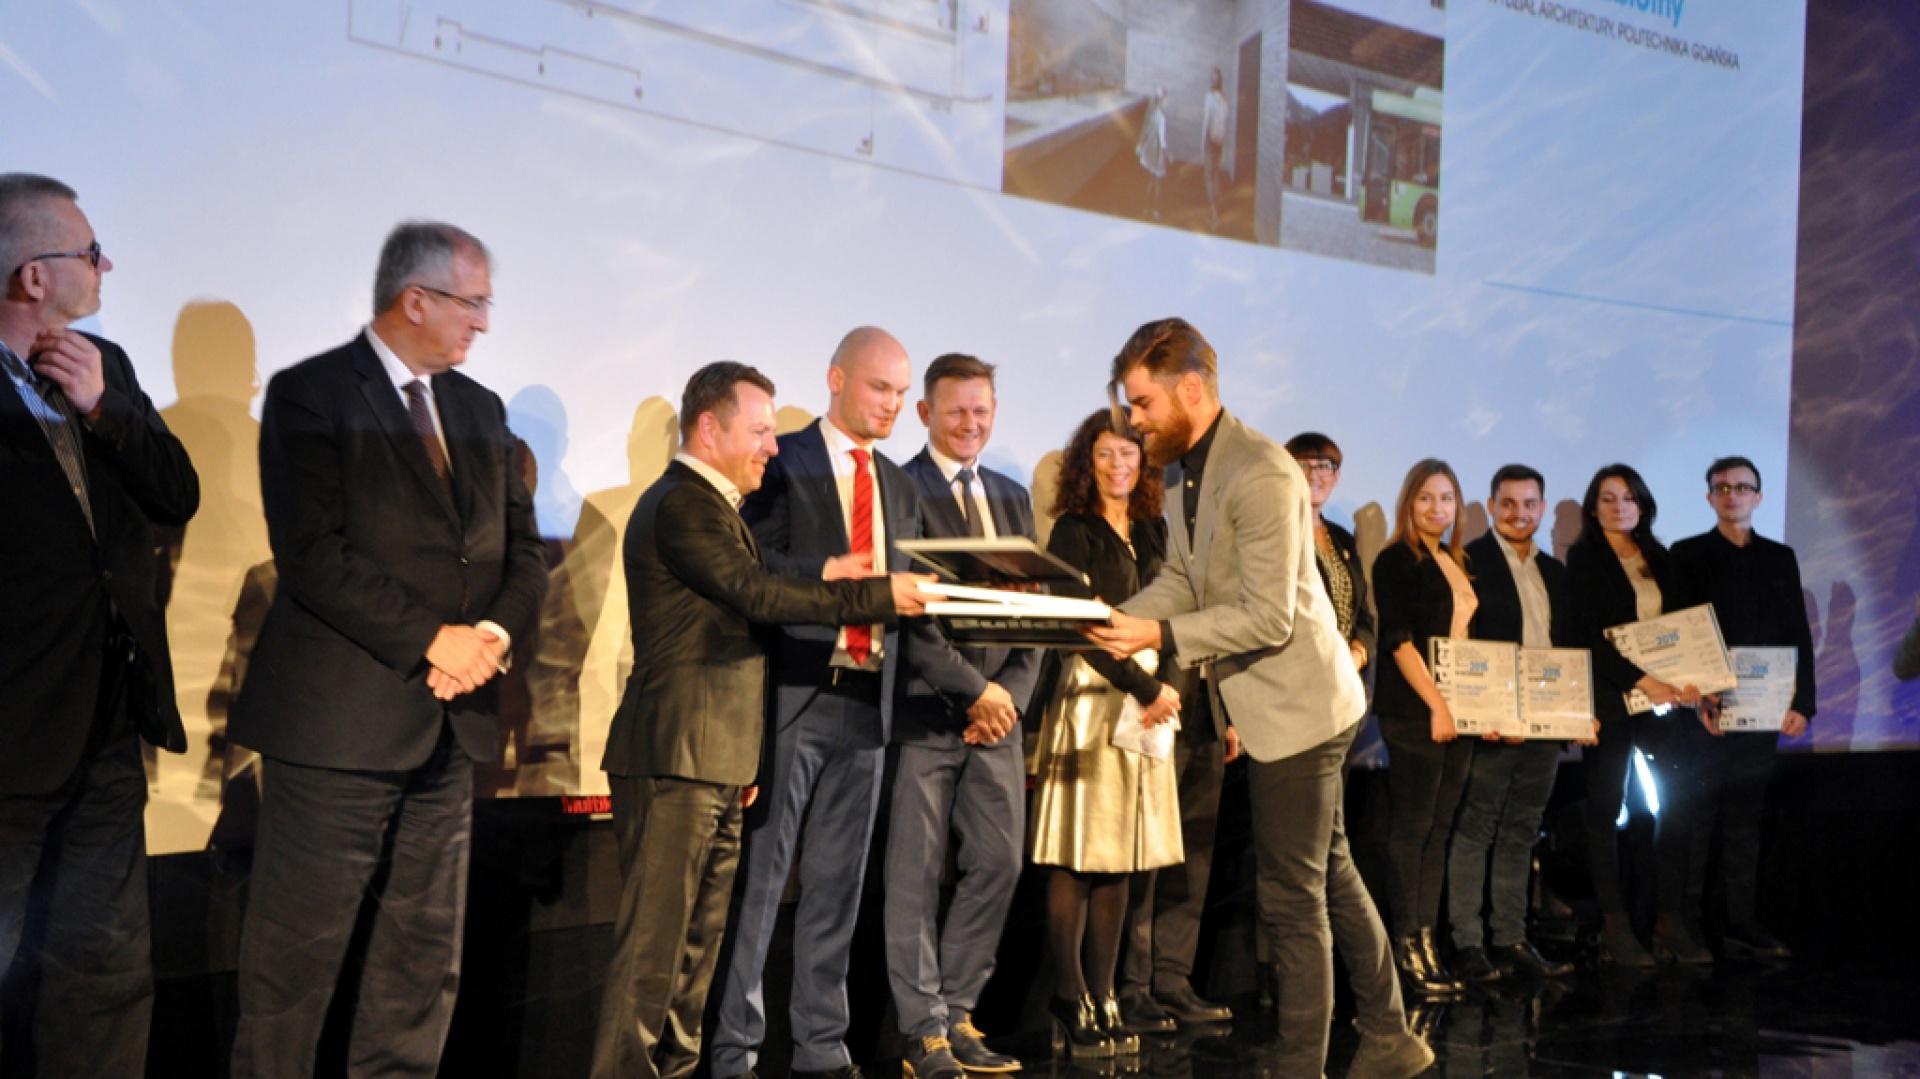 Rozstrzygnięcie Konkursu dla Młodych Architektów. Fot. CEMEX